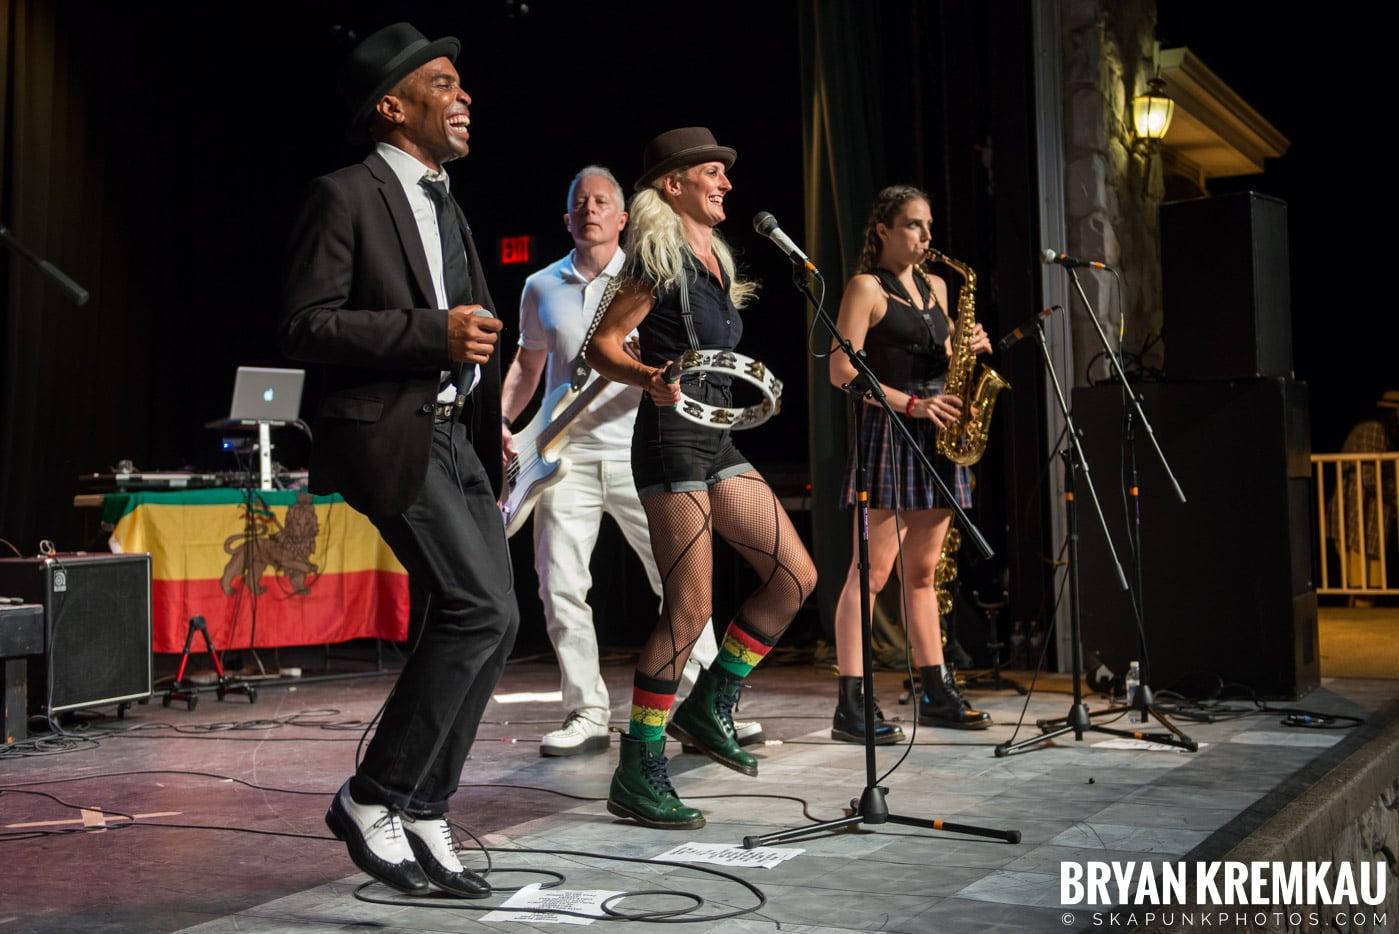 Rude Boy George @ Oskar Schindler Performing Arts Center, West Orange, NJ - 8.19.17 (11)